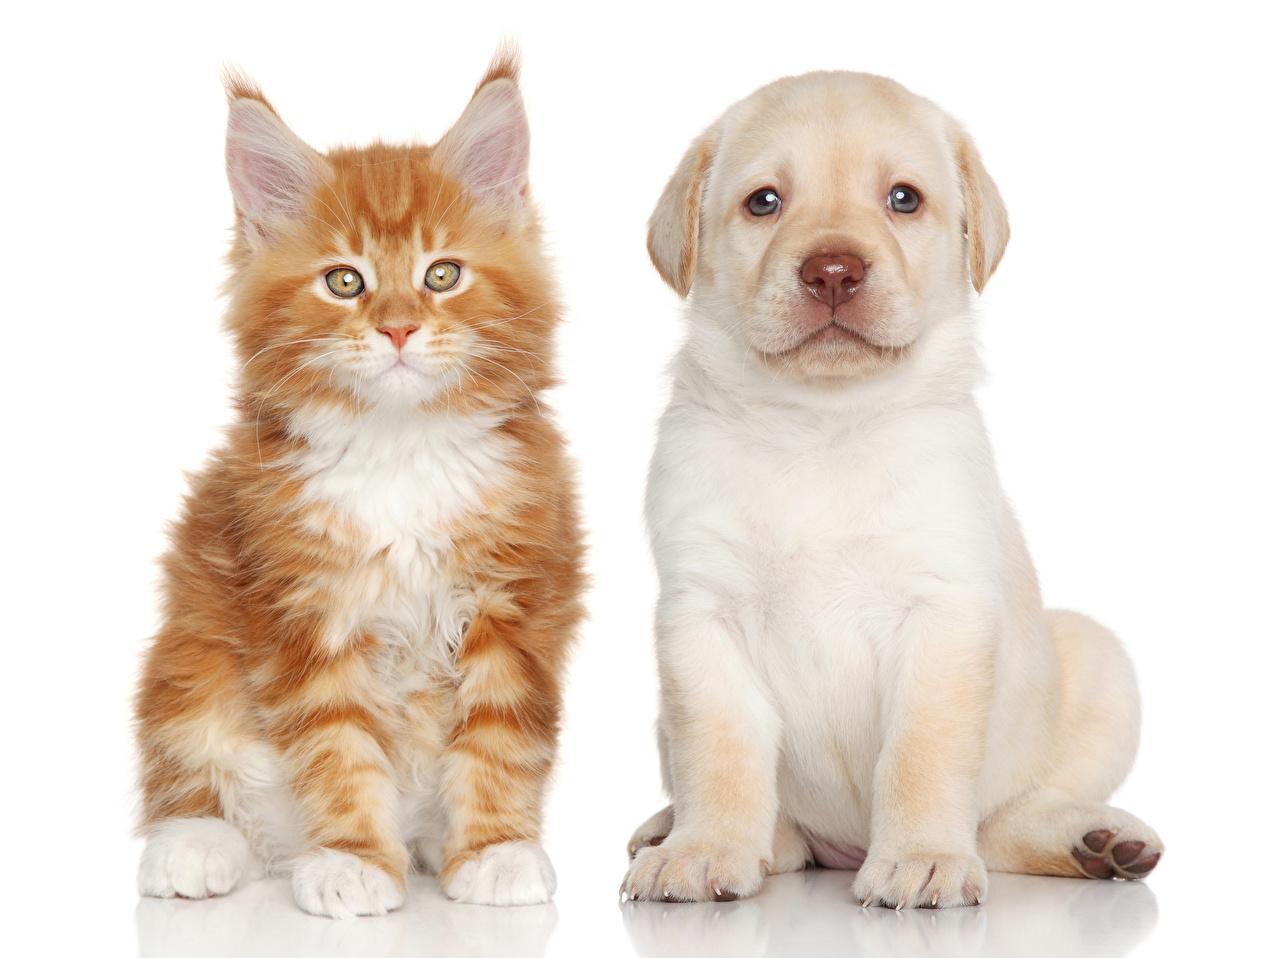 Картинка щенка Котята Мейн-кун Лабрадор-ретривер кот Собаки два животное Белый фон котят щенки Щенок щенков котенка котенок коты Кошки кошка собака 2 две Двое вдвоем Животные белом фоне белым фоном